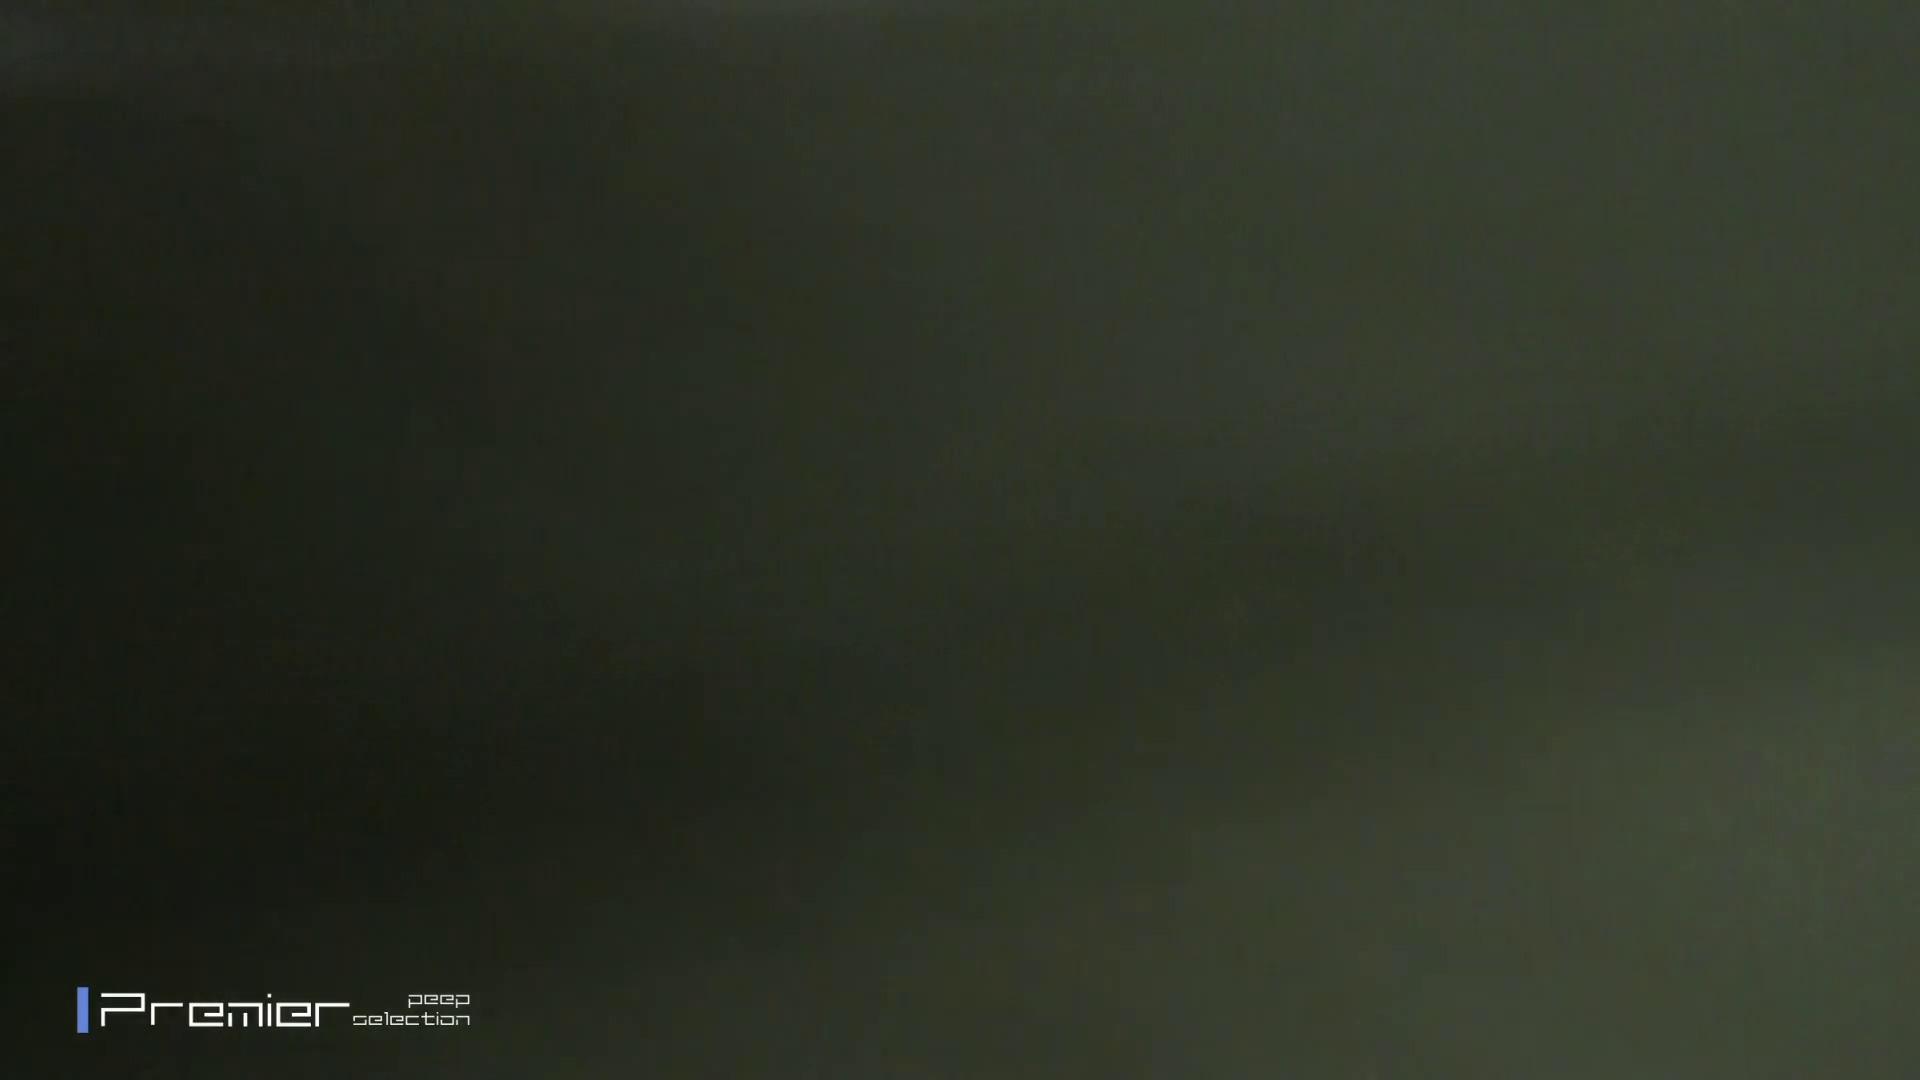 再生38分!マン毛剛毛超絶美女の私生活 美女達の私生活に潜入! 潜入  94連発 30